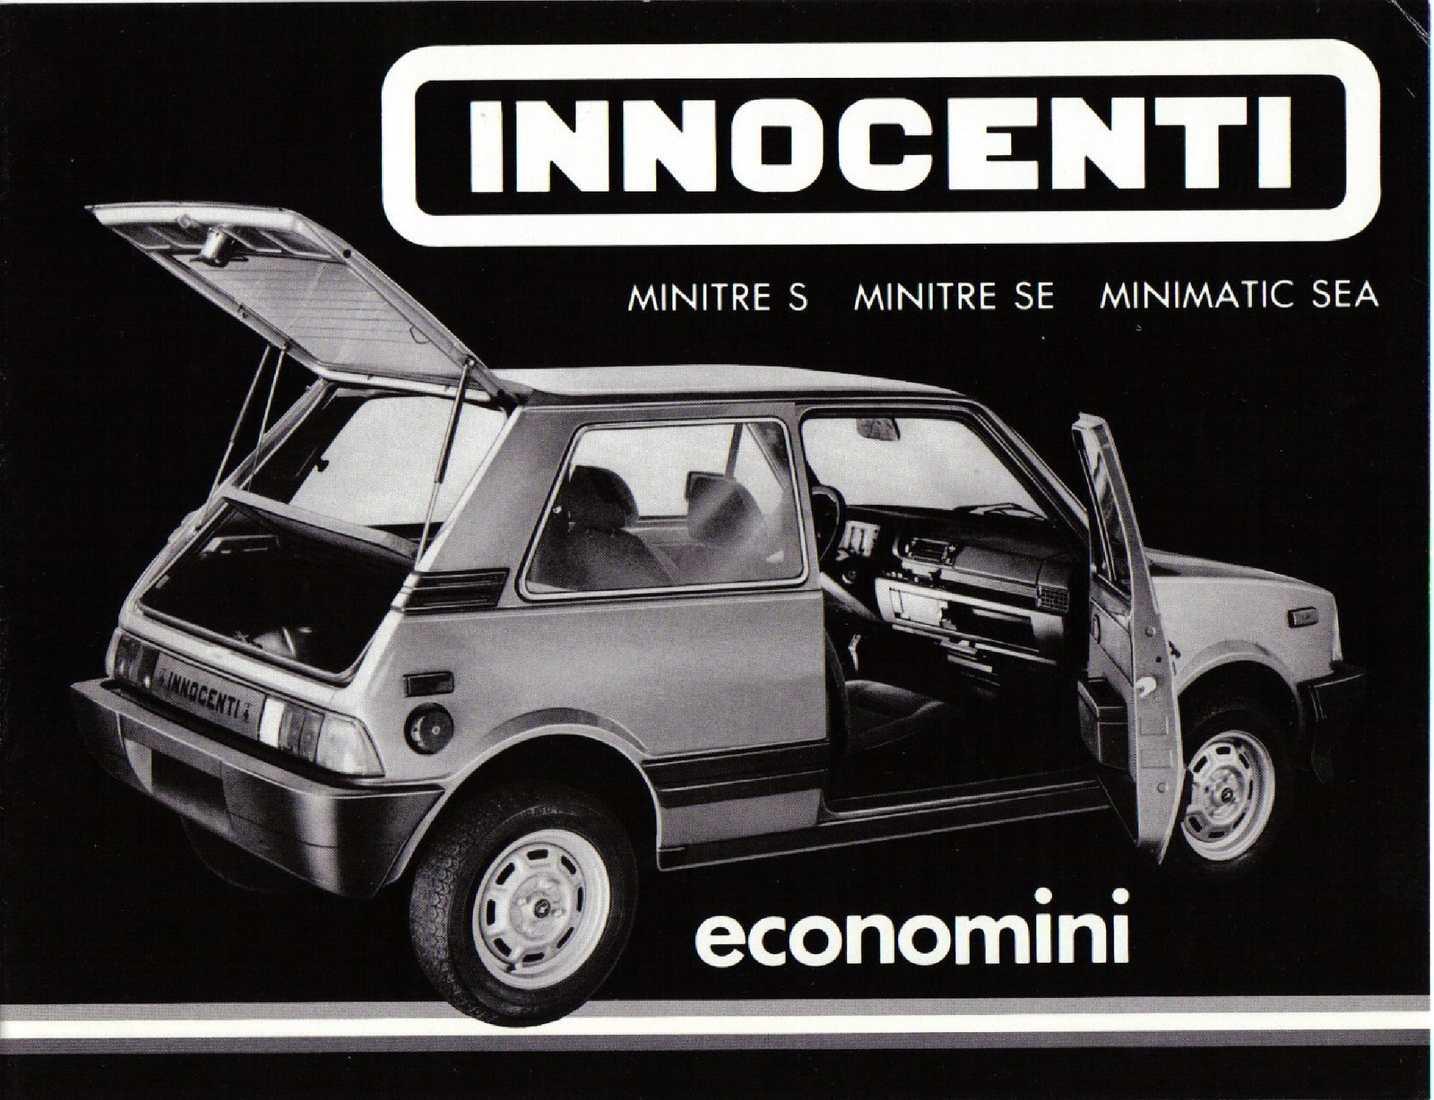 1984 Innocenti MiniTre S/SE MiniMatic SEA Incacars Canada